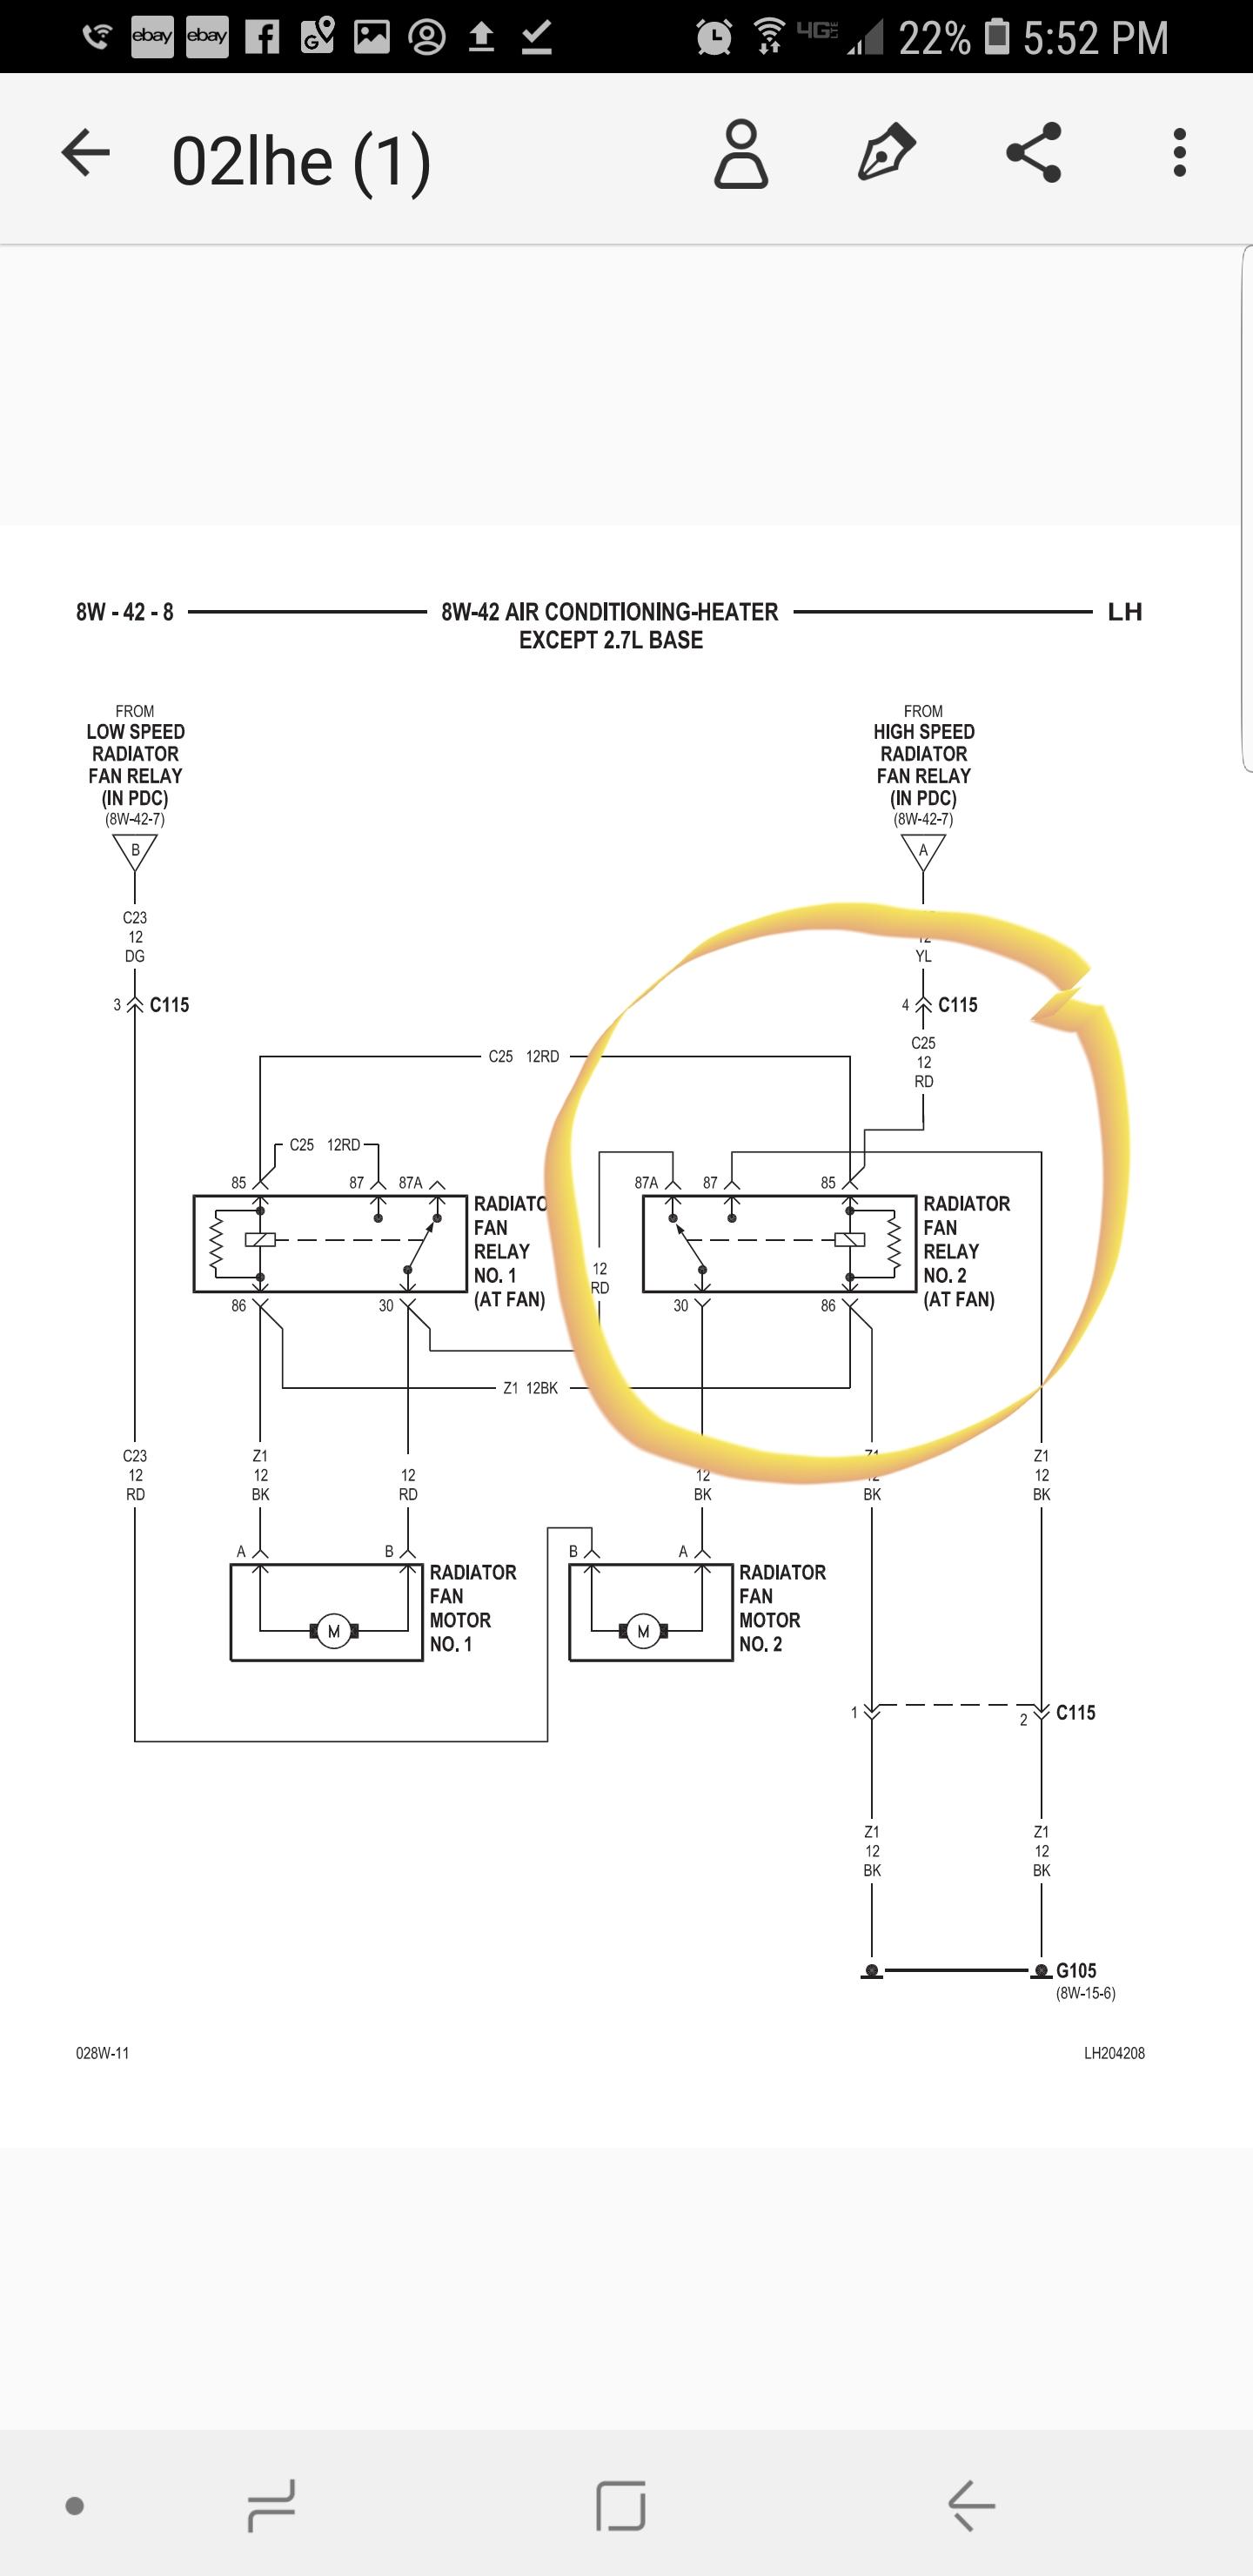 [FPER_4992]  Intrepid fans   S-10 Forum   Dodge Intrepid Wiring Diagram For Cooling Fans      S10 Forum